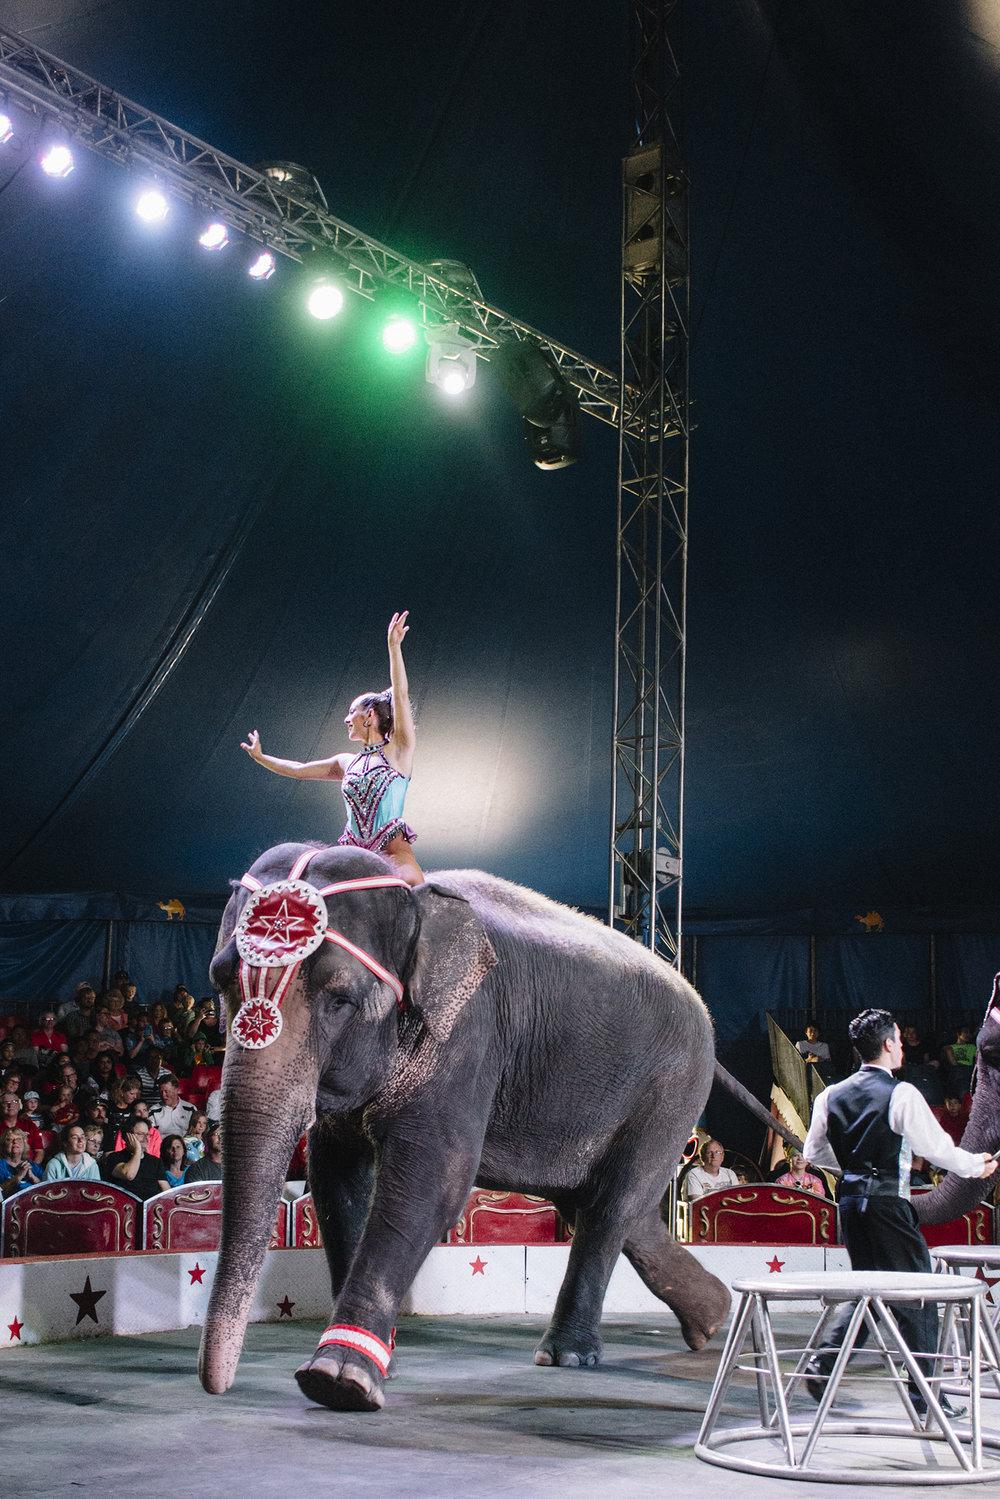 CircusWorld_Baraboo_06242017_185.jpg